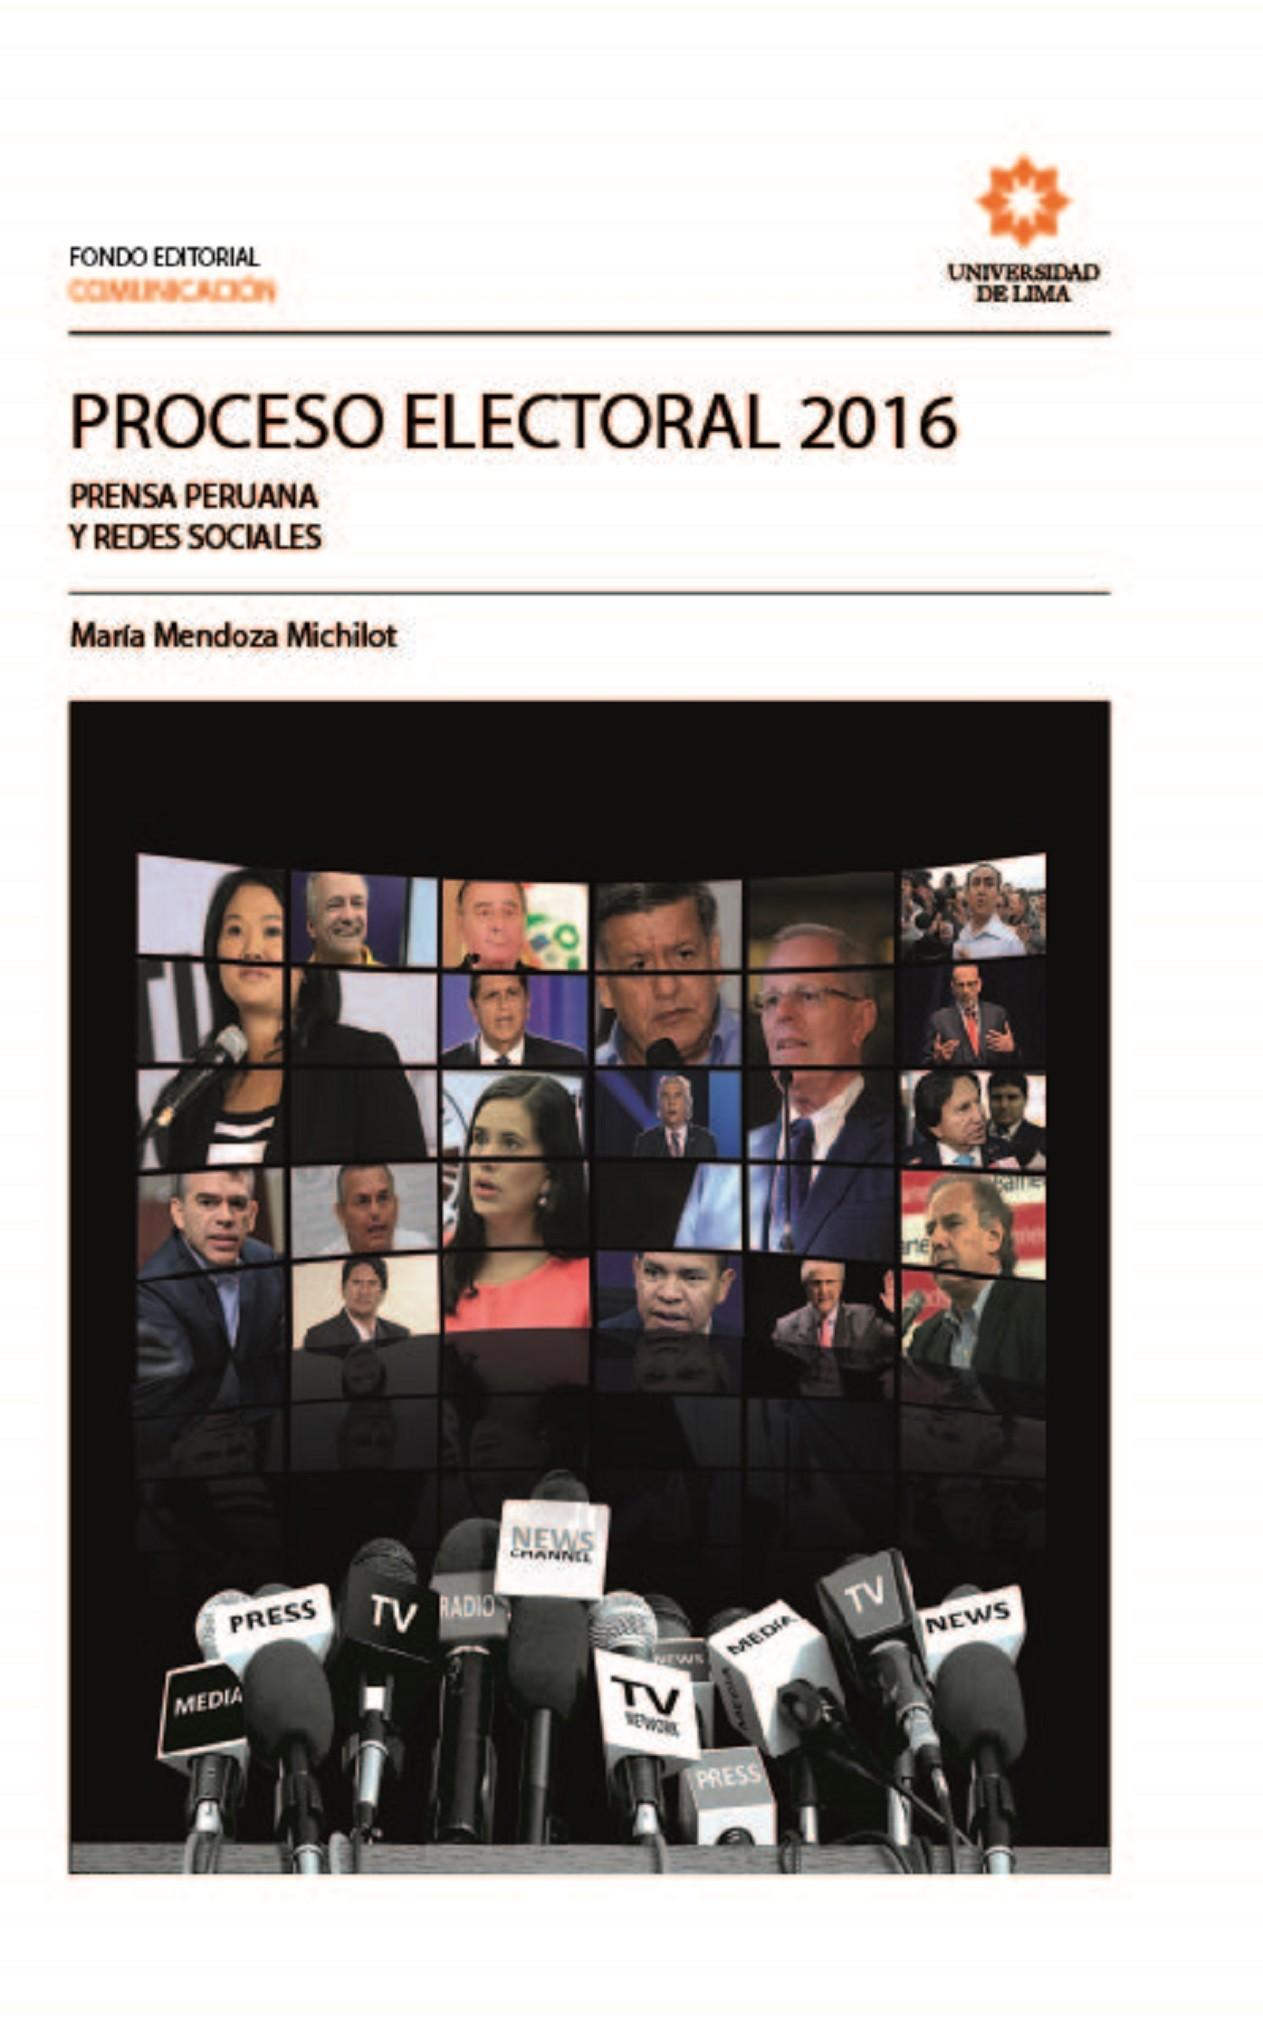 Proceso electoral 2016. Prensa peruana y redes sociales